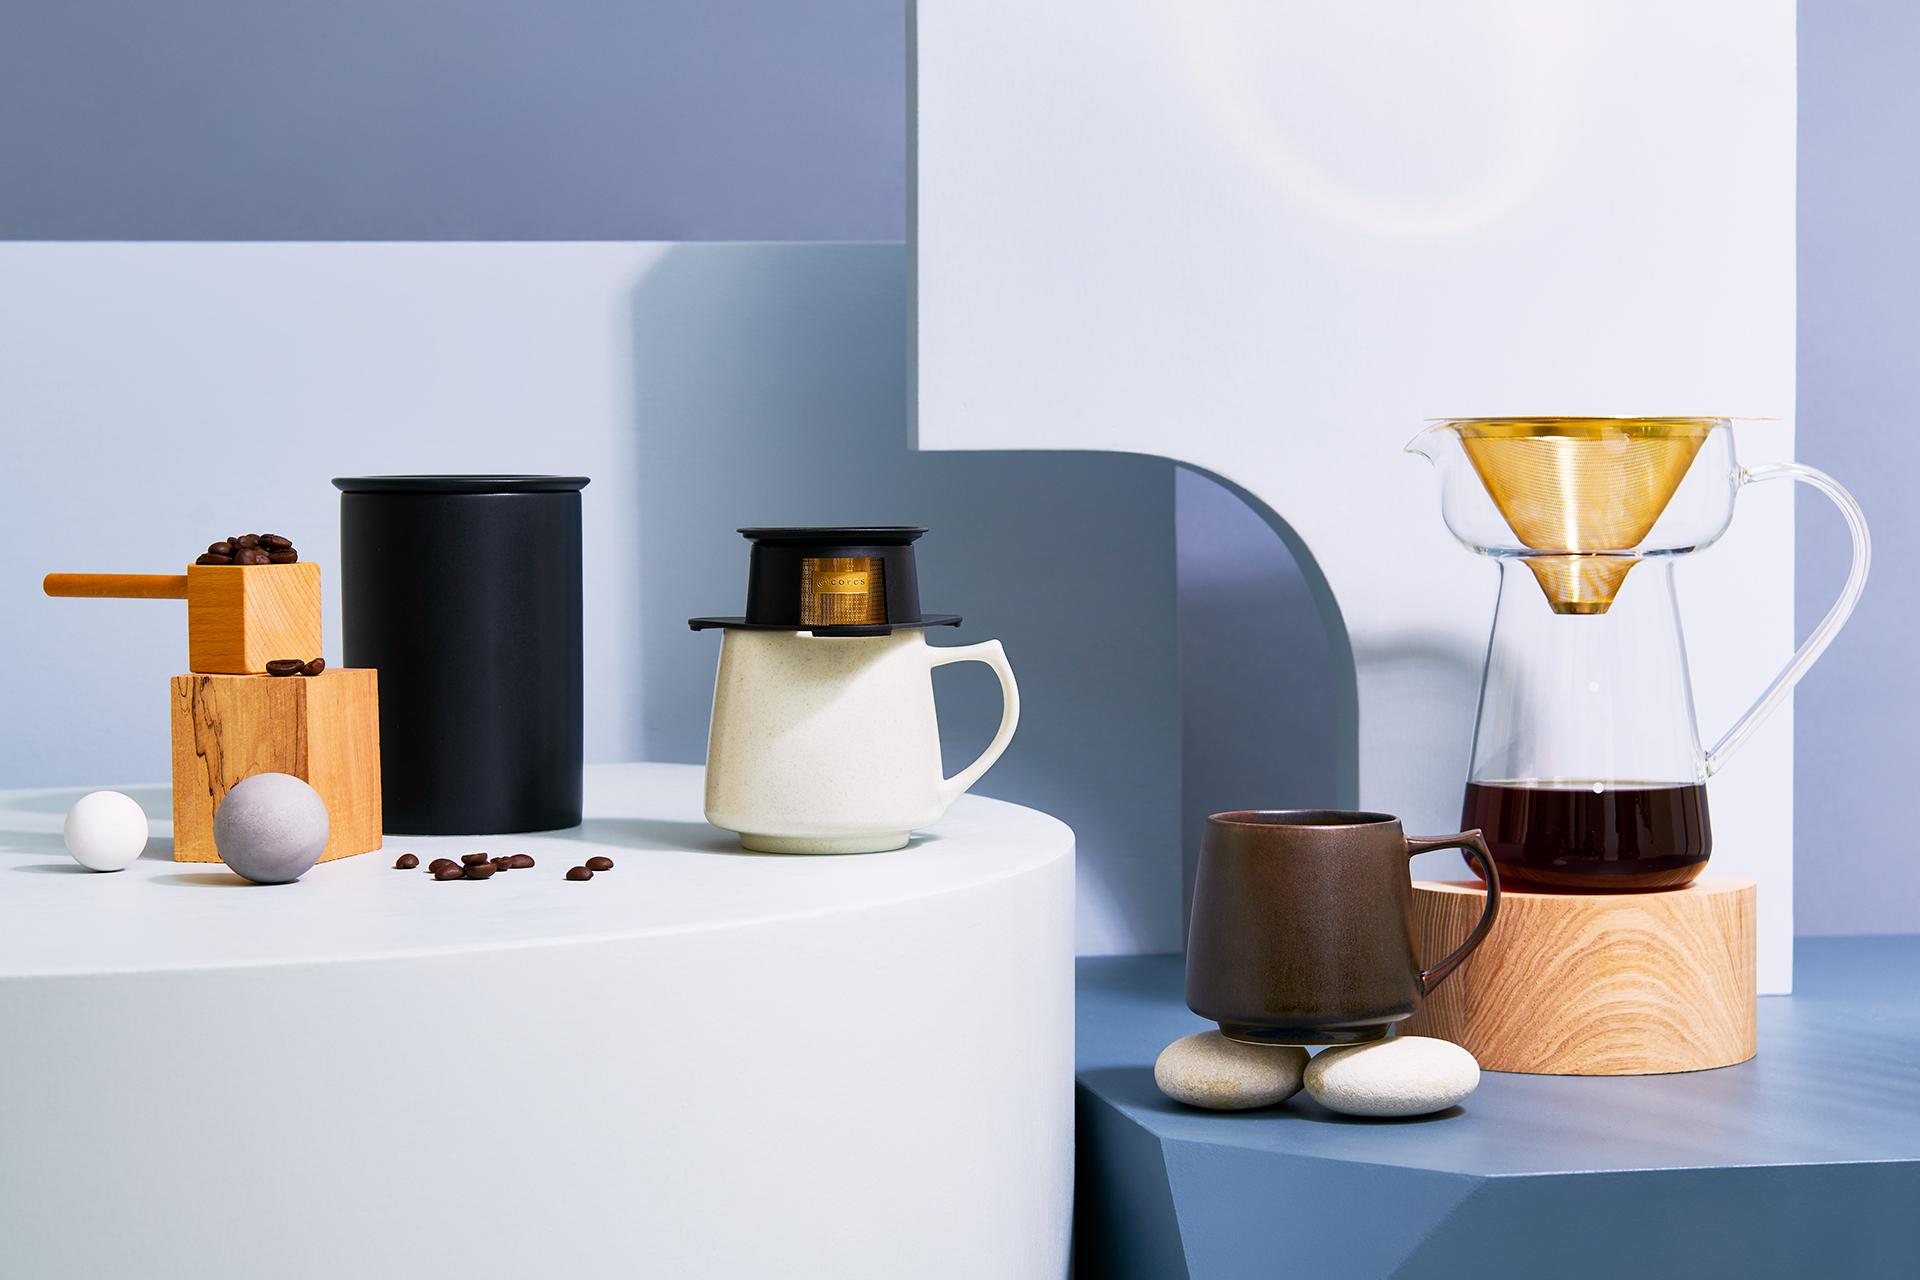 コレスの新作コーヒー器具、かっこよすぎるぞ…! 使うたびに気分が上がりそうだ